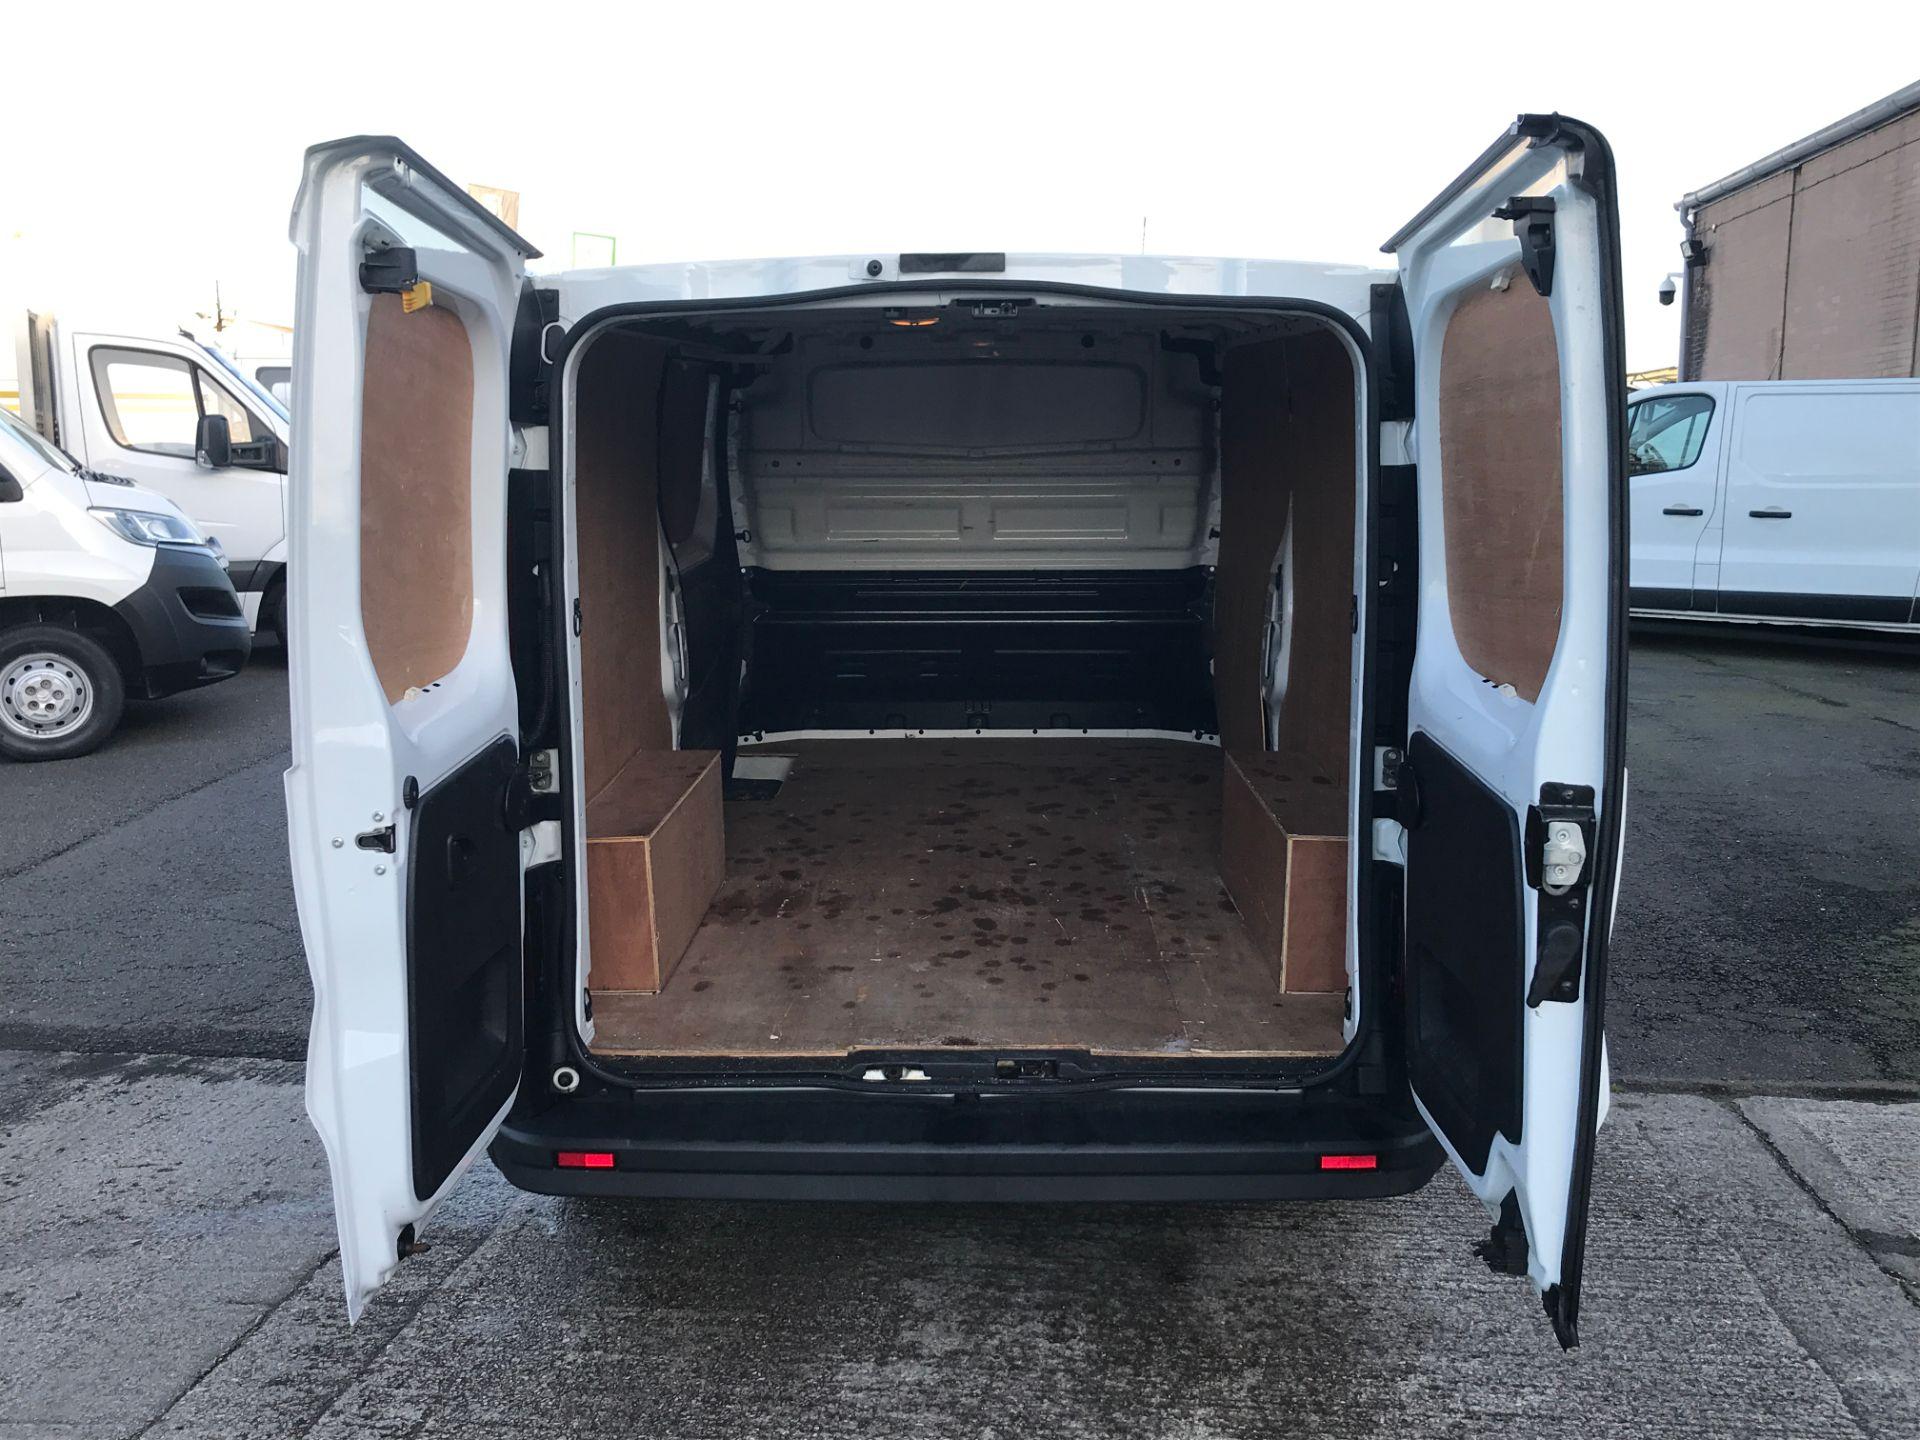 2017 Vauxhall Vivaro 2900 L2 H1 1.6CDTI 120PS EURO 6 (DP17UJB) Image 16